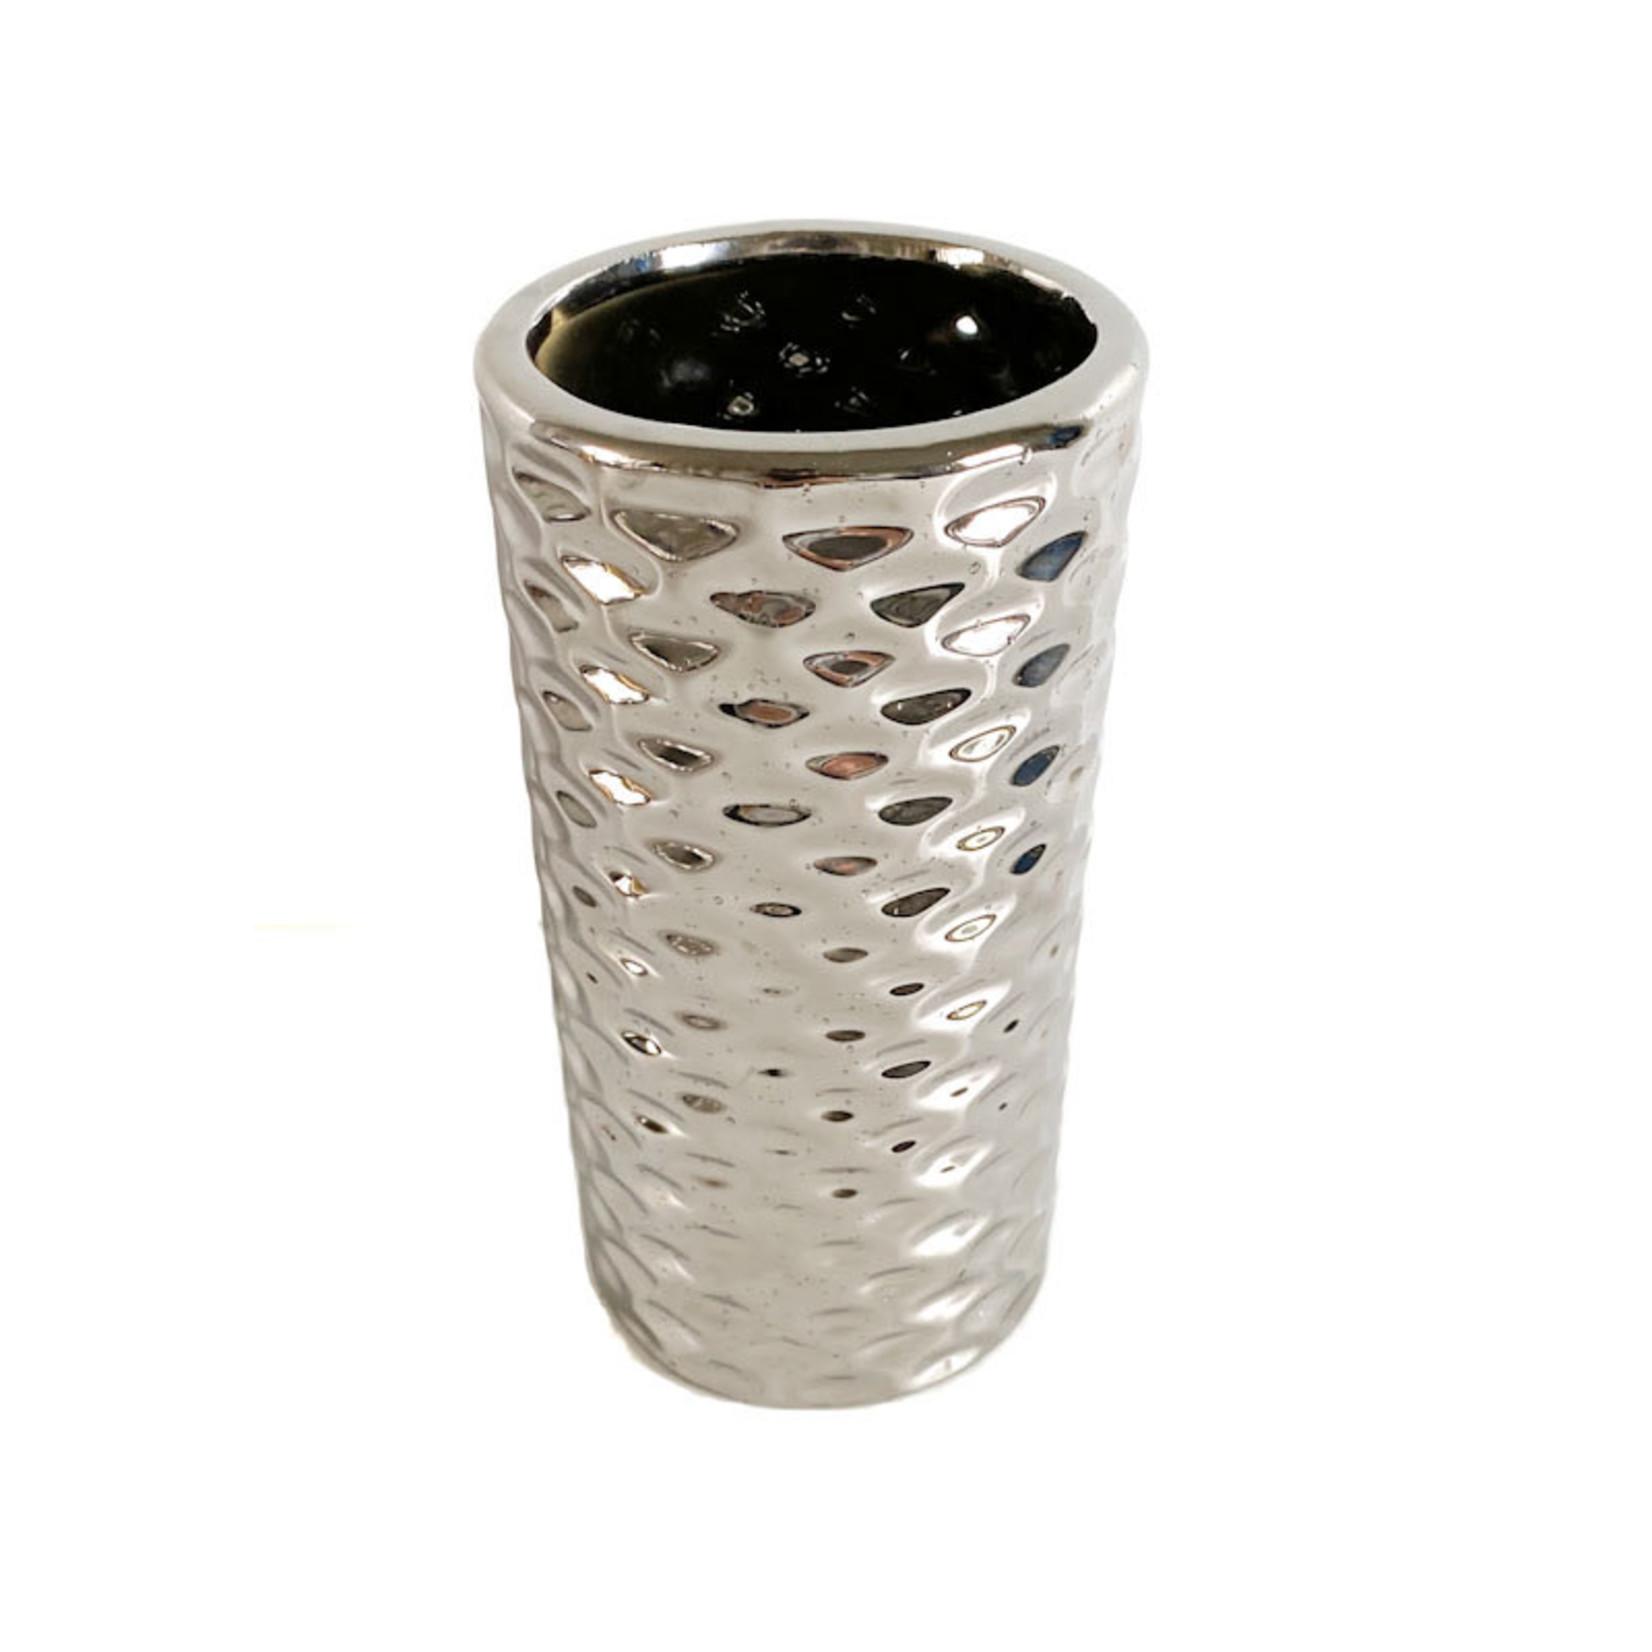 Flower Pot - metallic